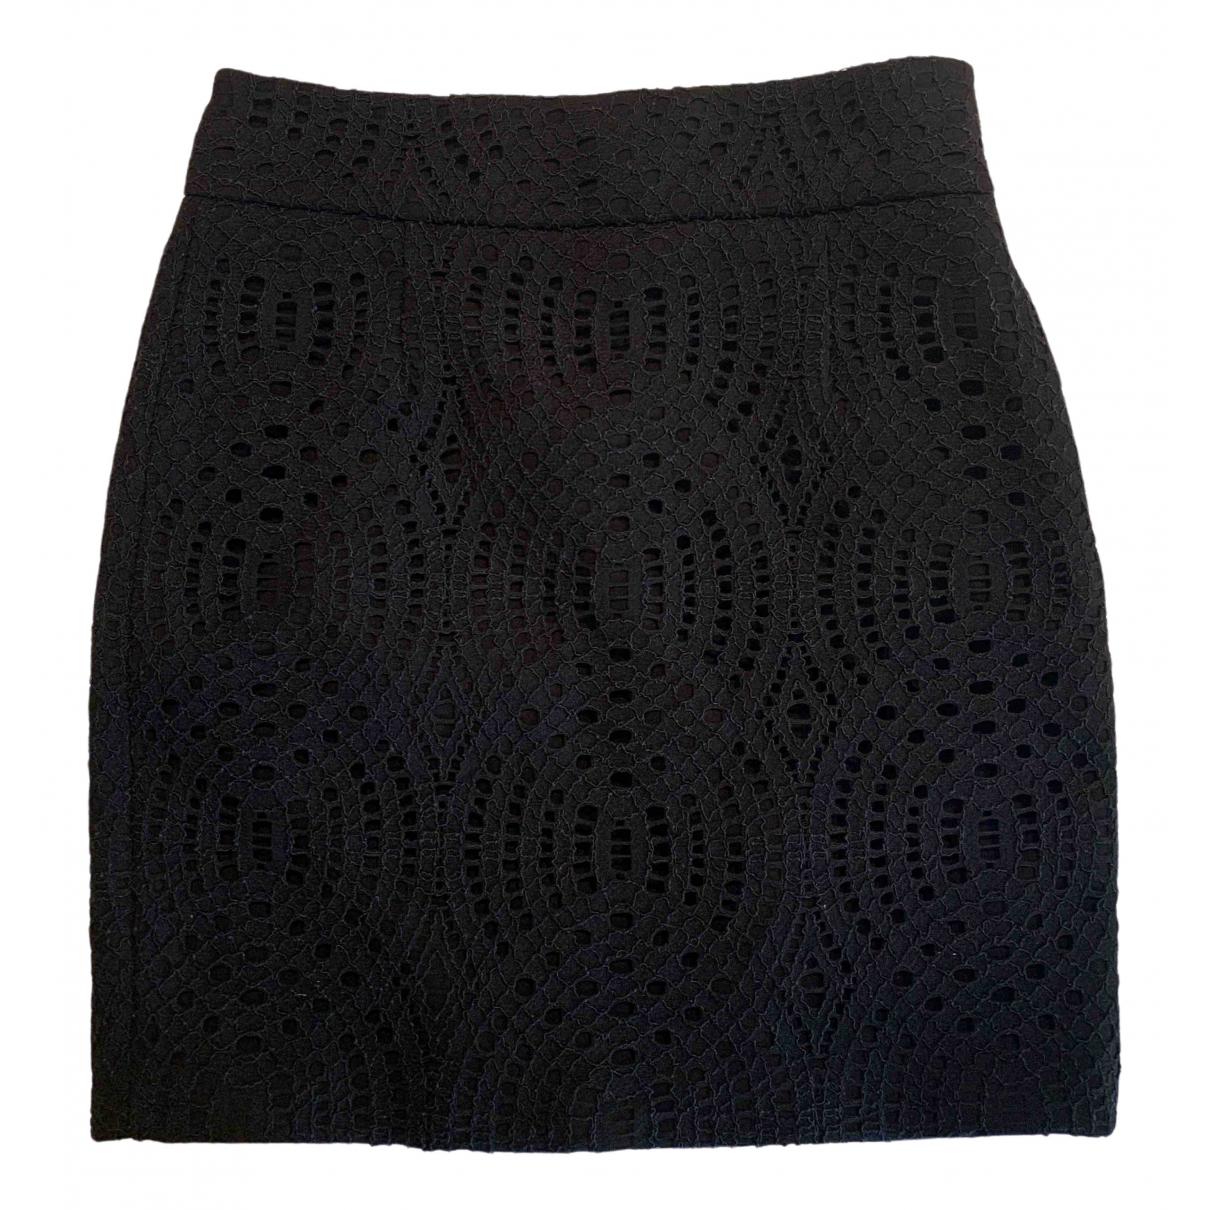 Maje \N Black Cotton skirt for Women 36 FR